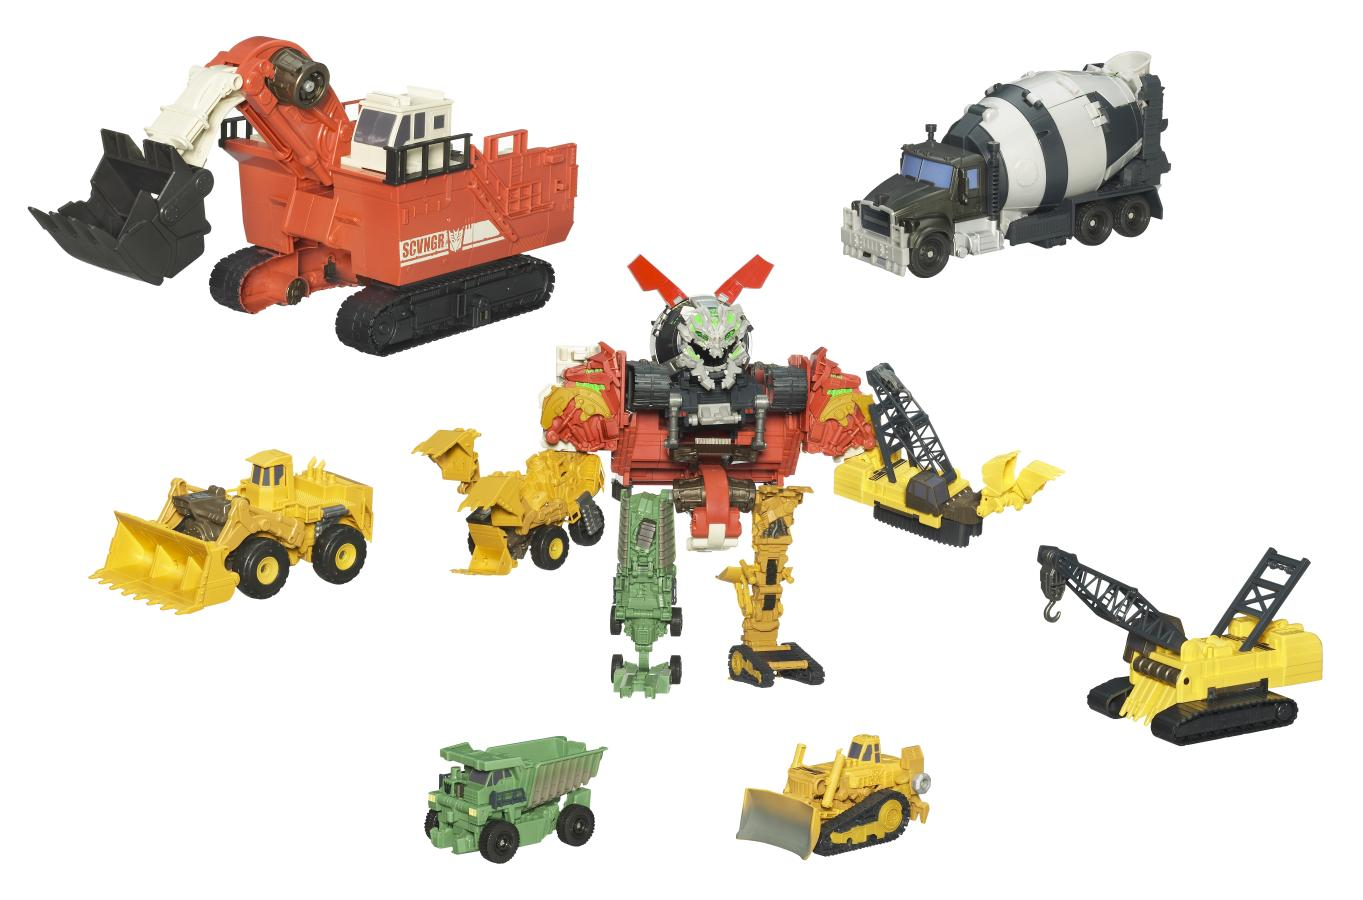 Transformers Revenge Of The Fallen Toys Devastator 10